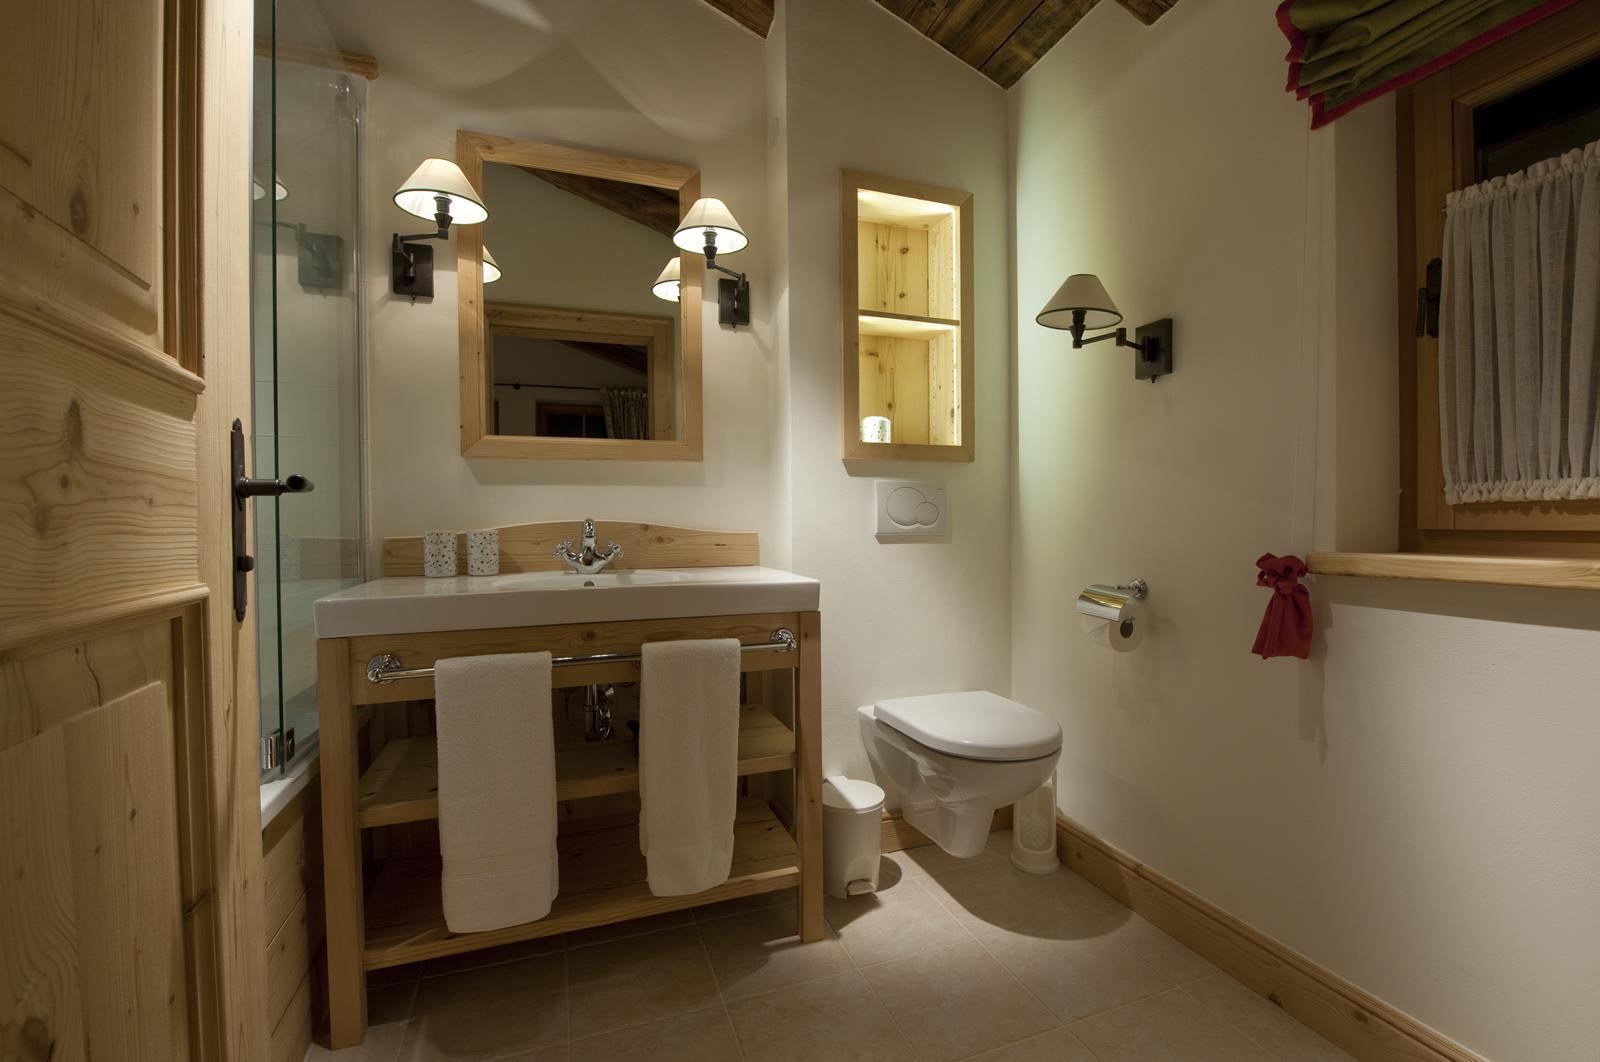 chalet-antoinette-bathroom5-2